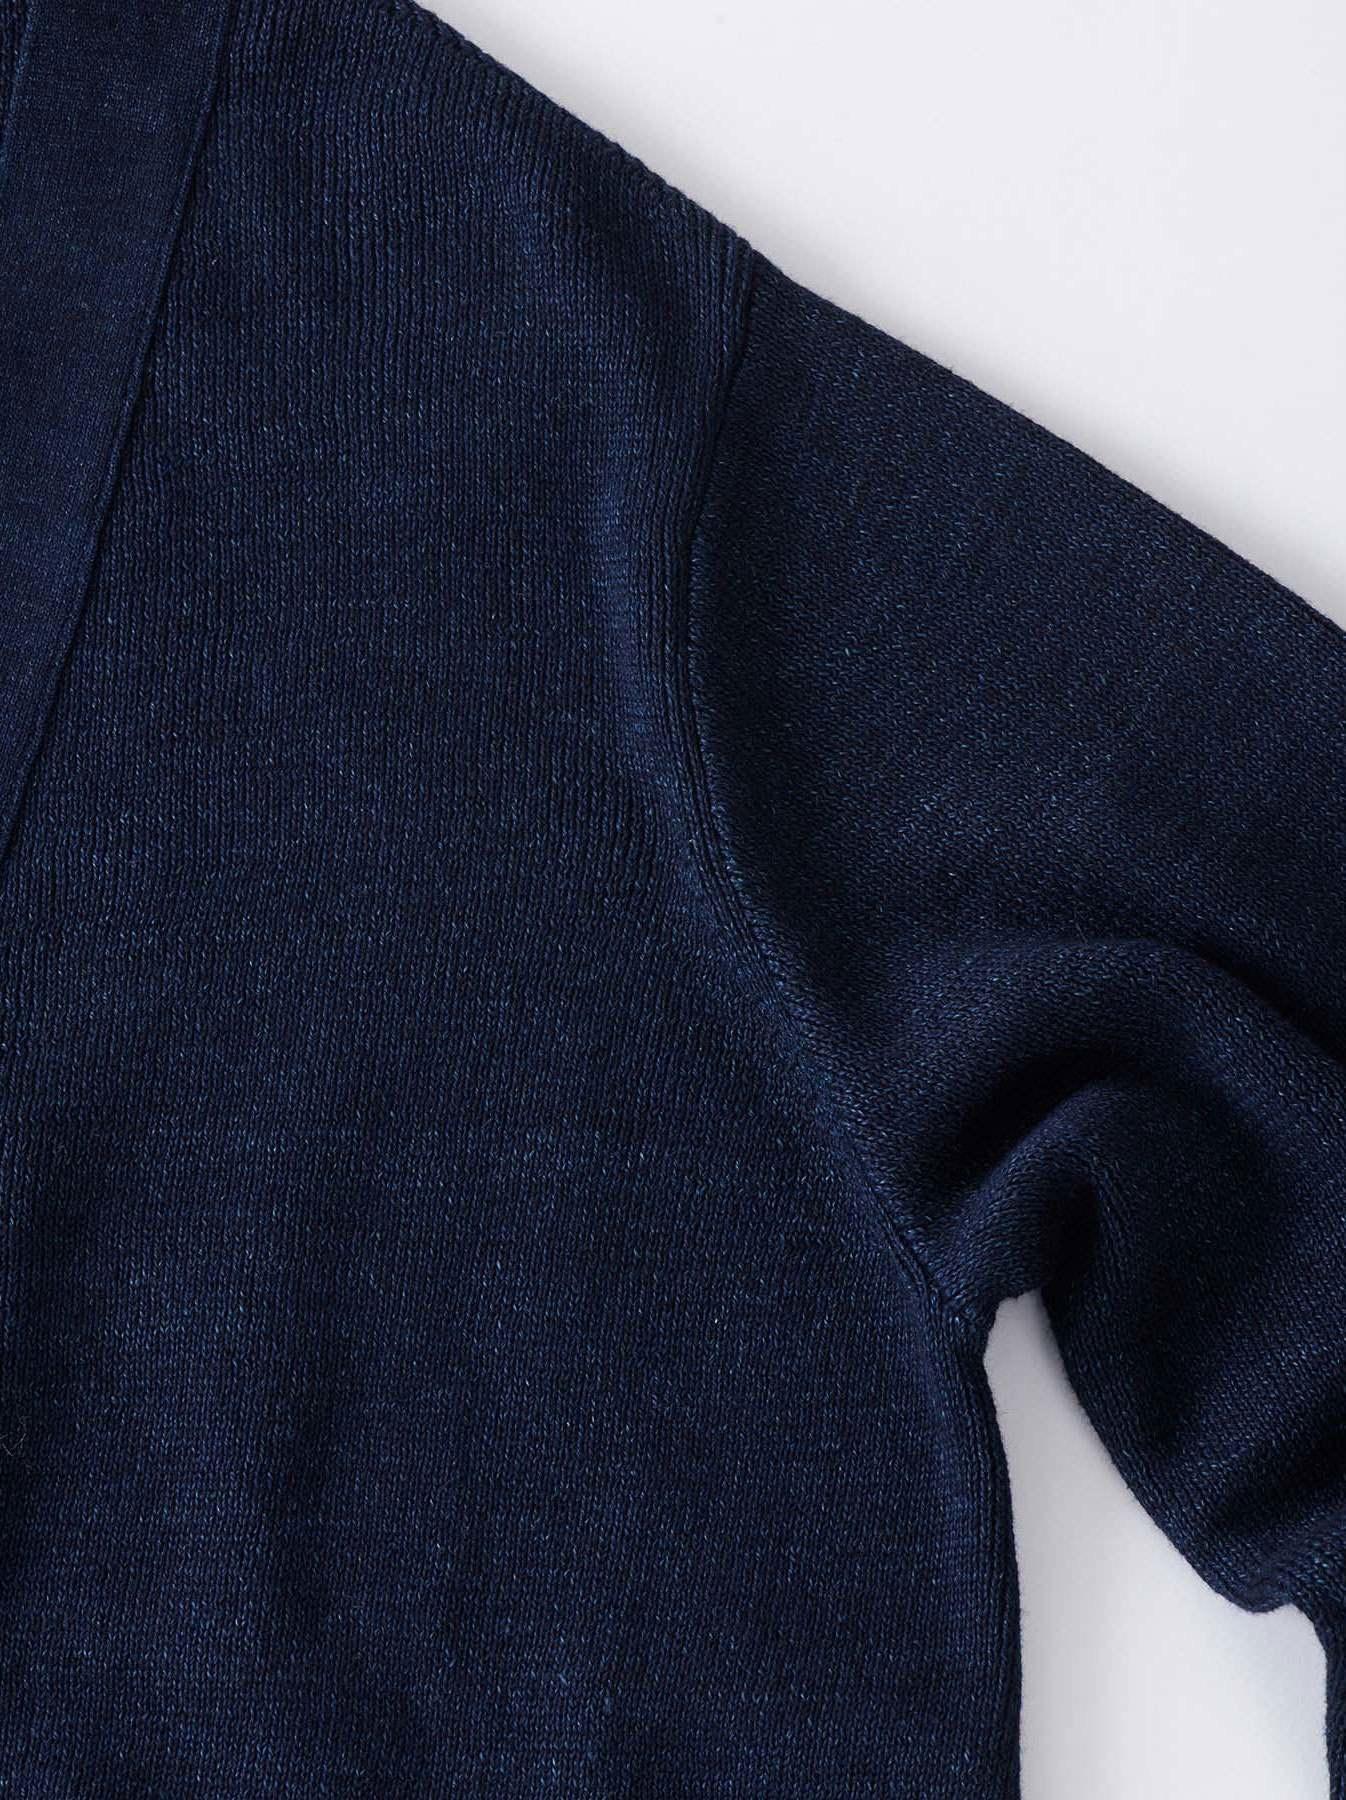 WH Indigo Supima Knit-sew Coat-3